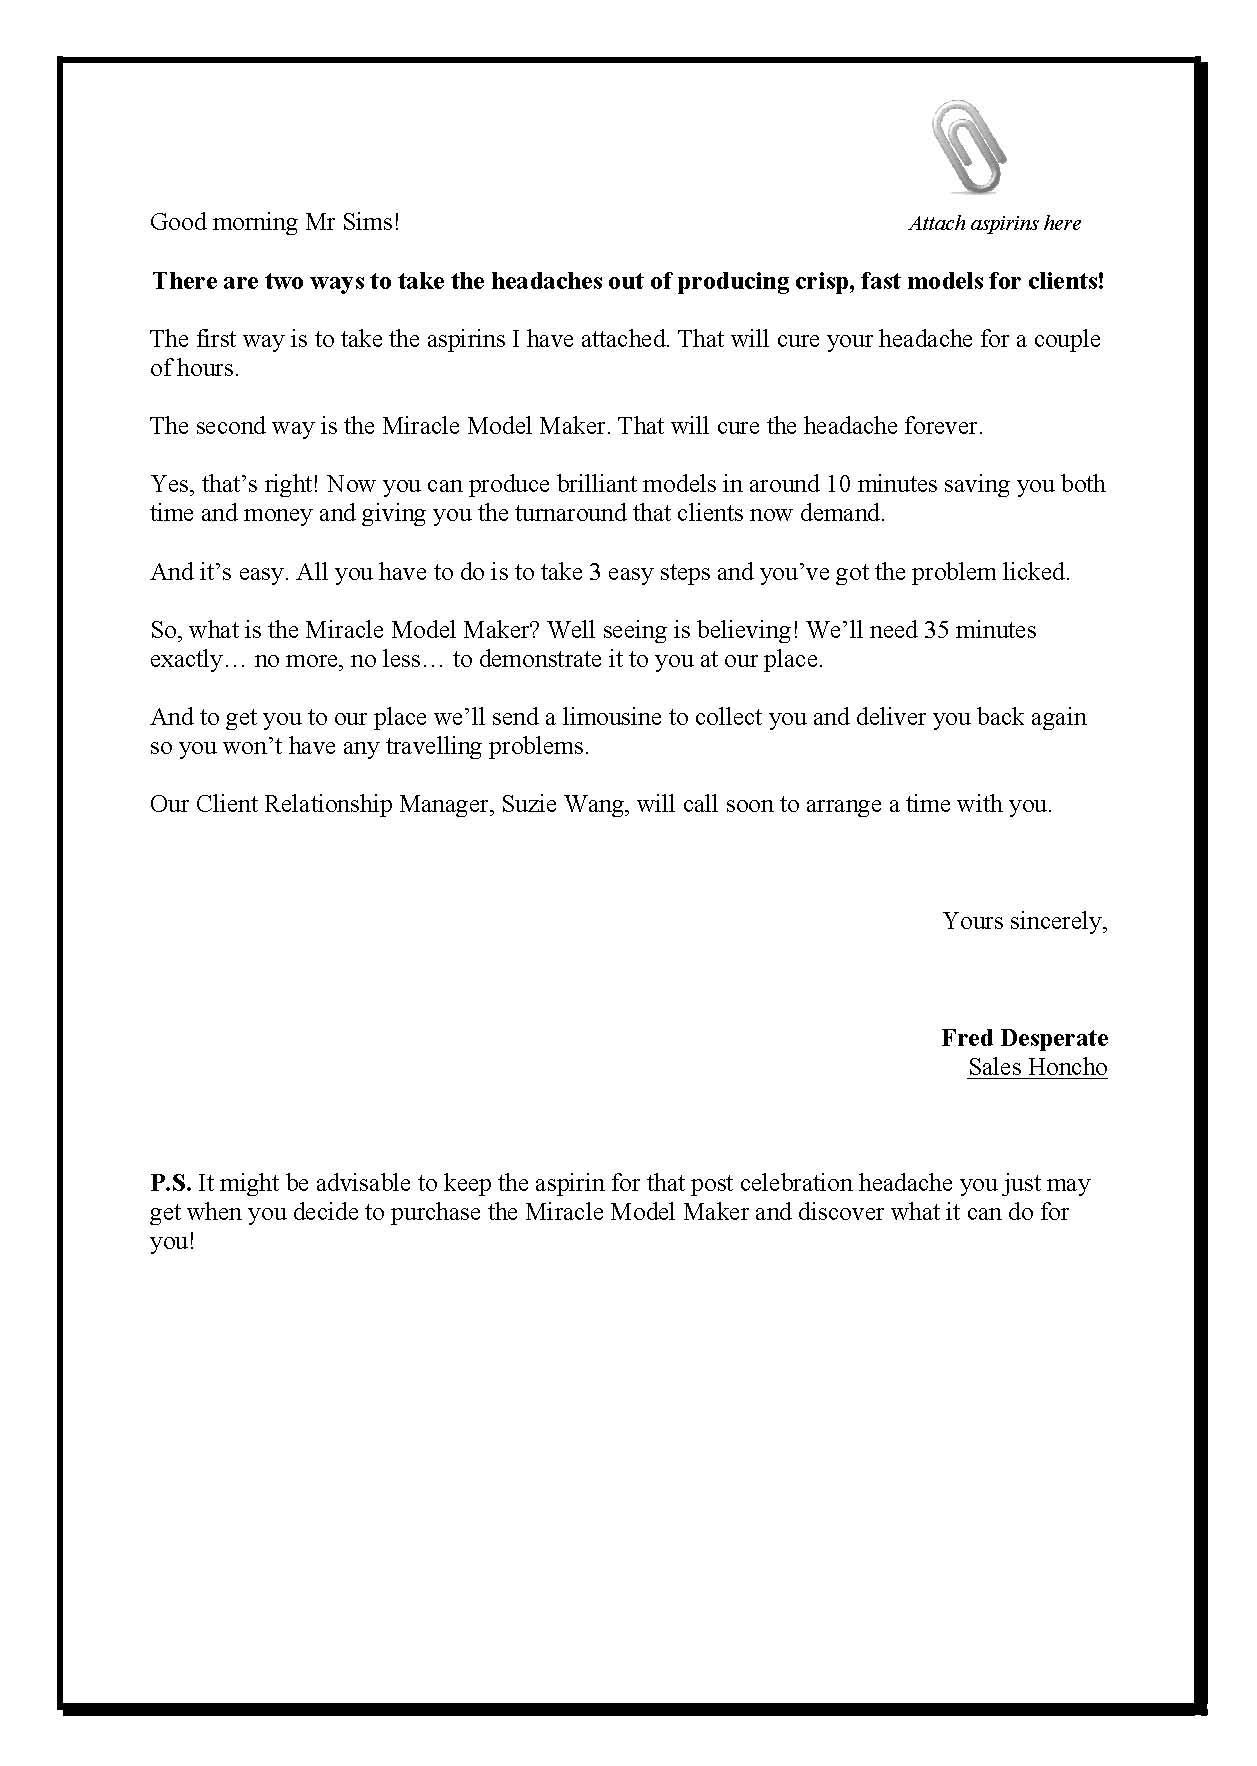 The Aspirin Letter Winston Marsh